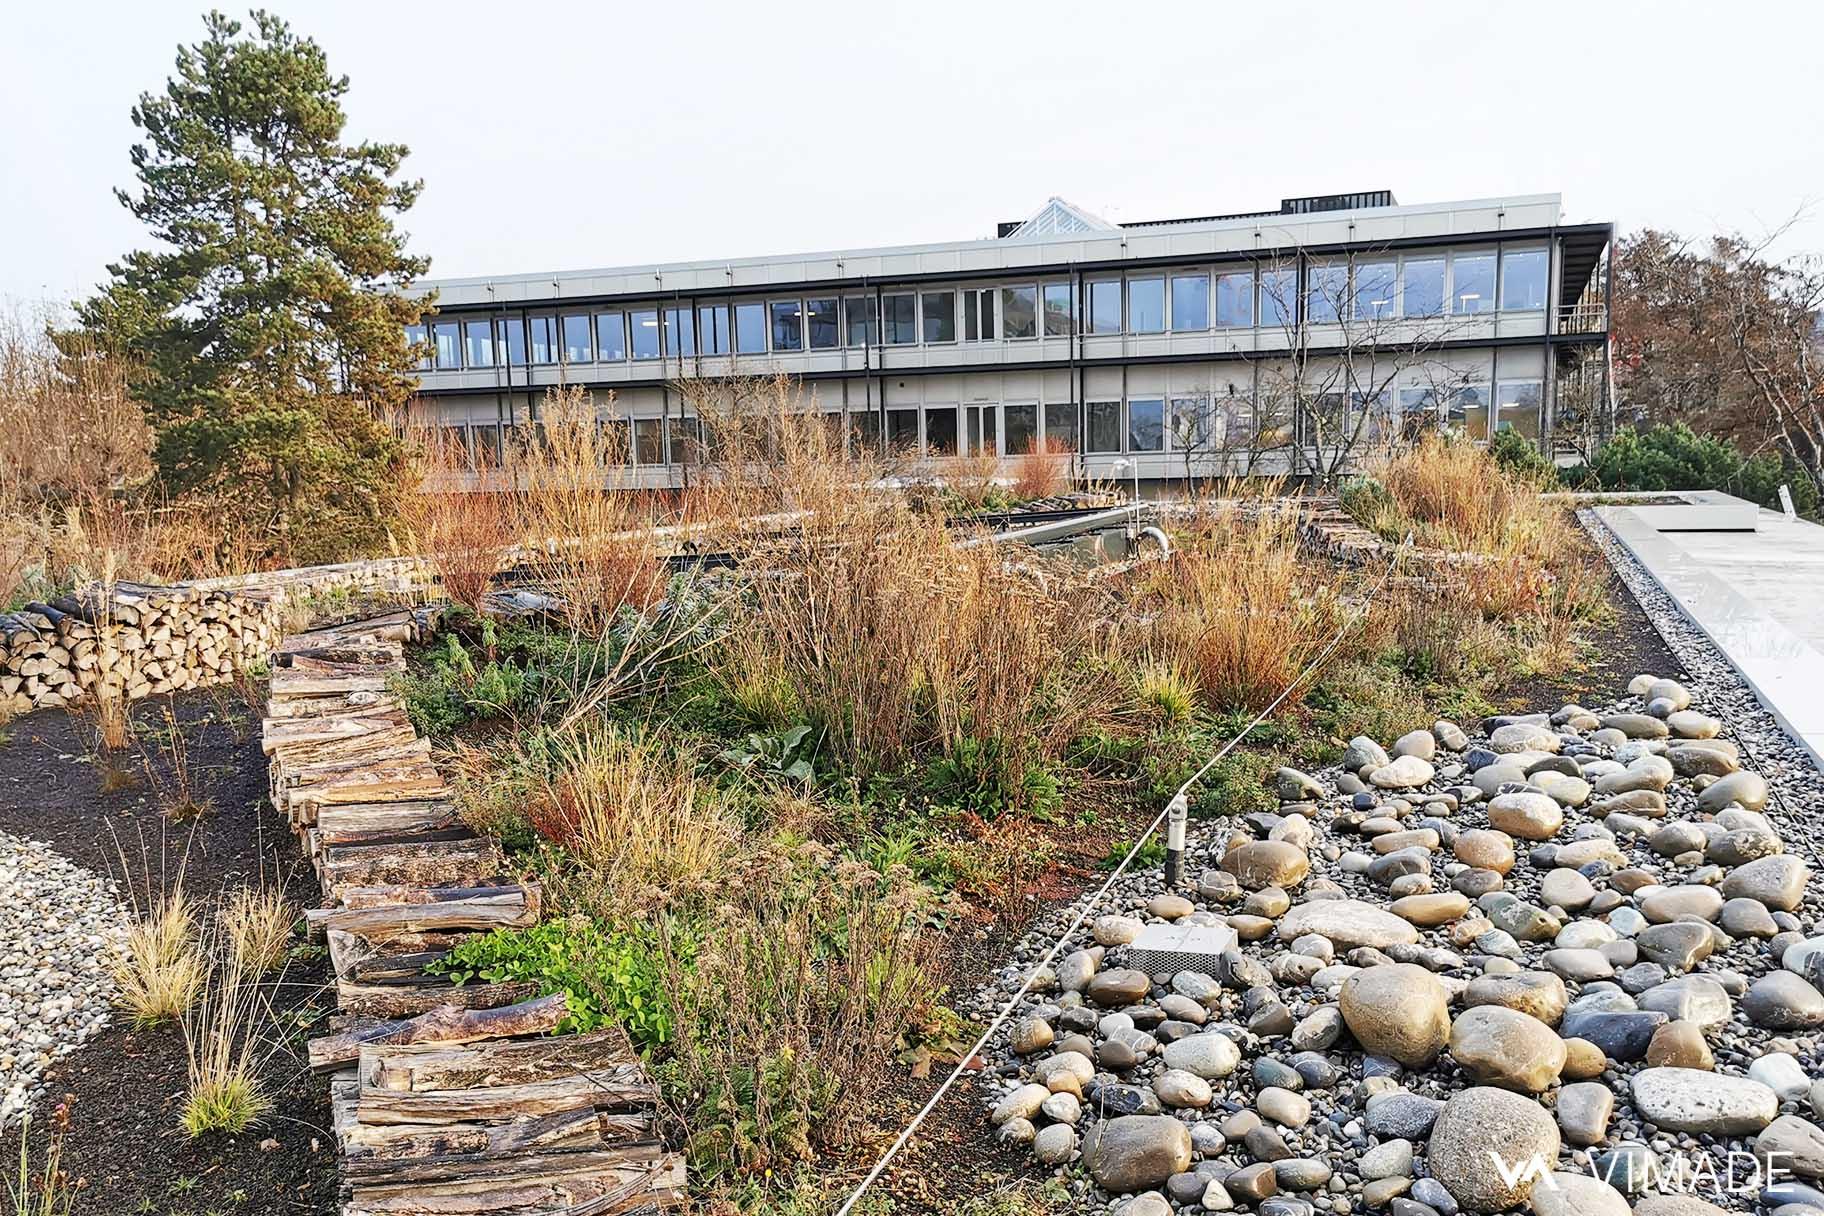 Toiture végétalisé écologique du bâtiment Luigia du site The hive à Meyrin par le bureau VIMADE Architectes paysagistes Genève.